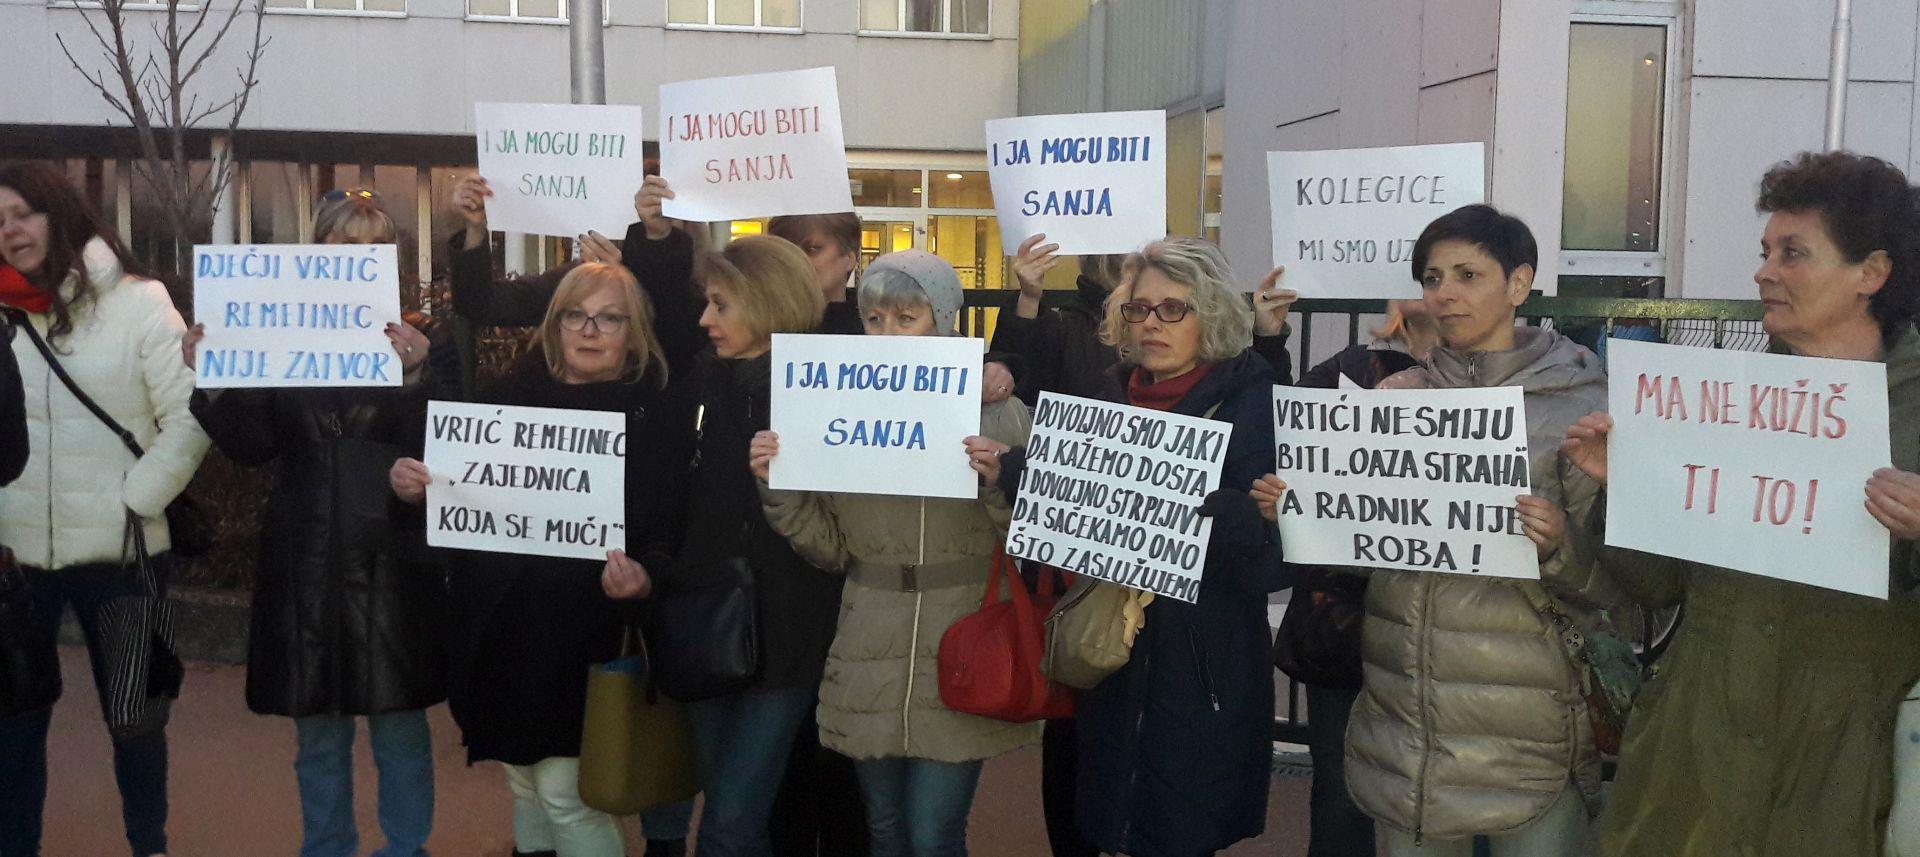 SOMK traži ostavku ravnateljice dječjeg vrtića Remetinec